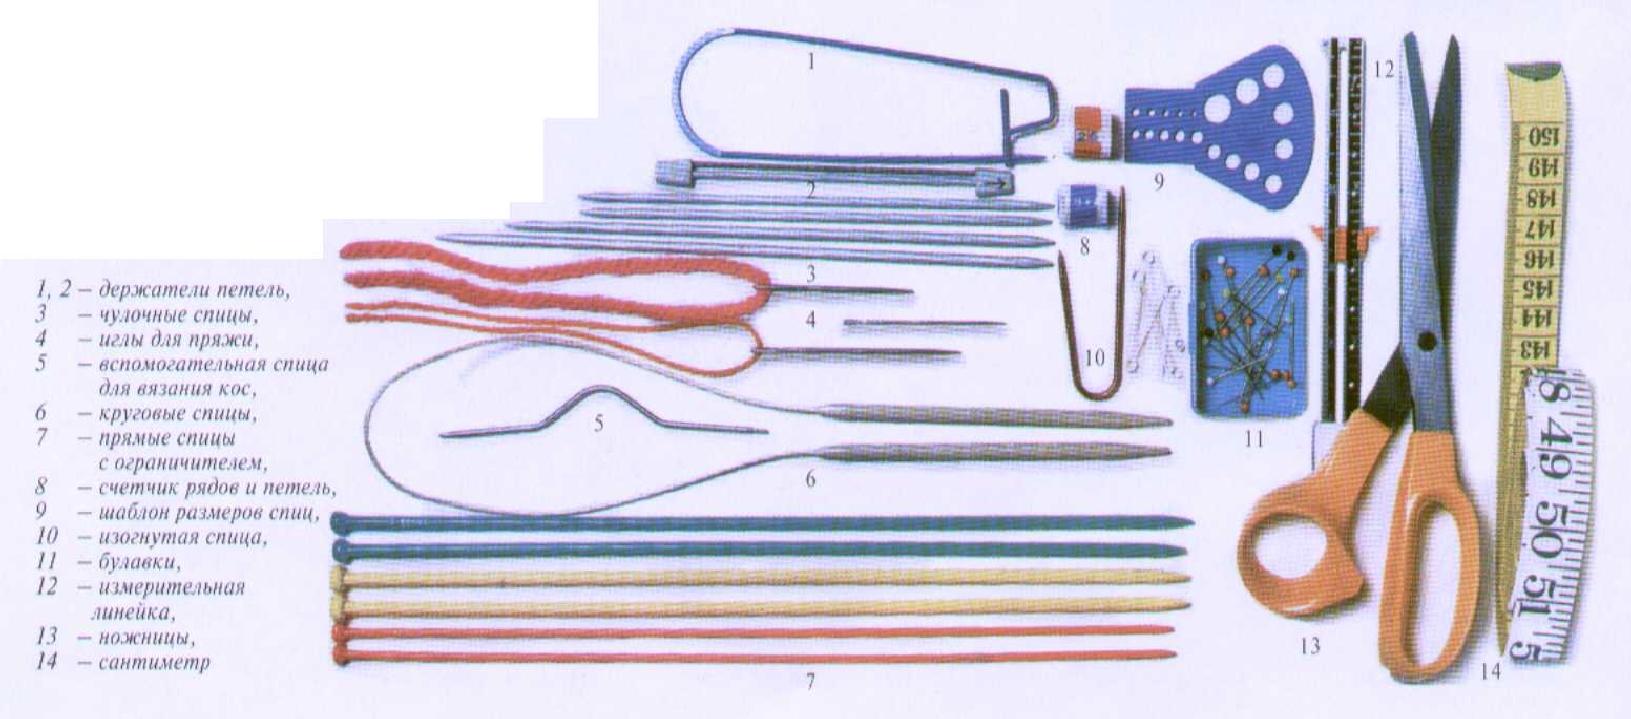 Приборы и материалы для вязания спицами